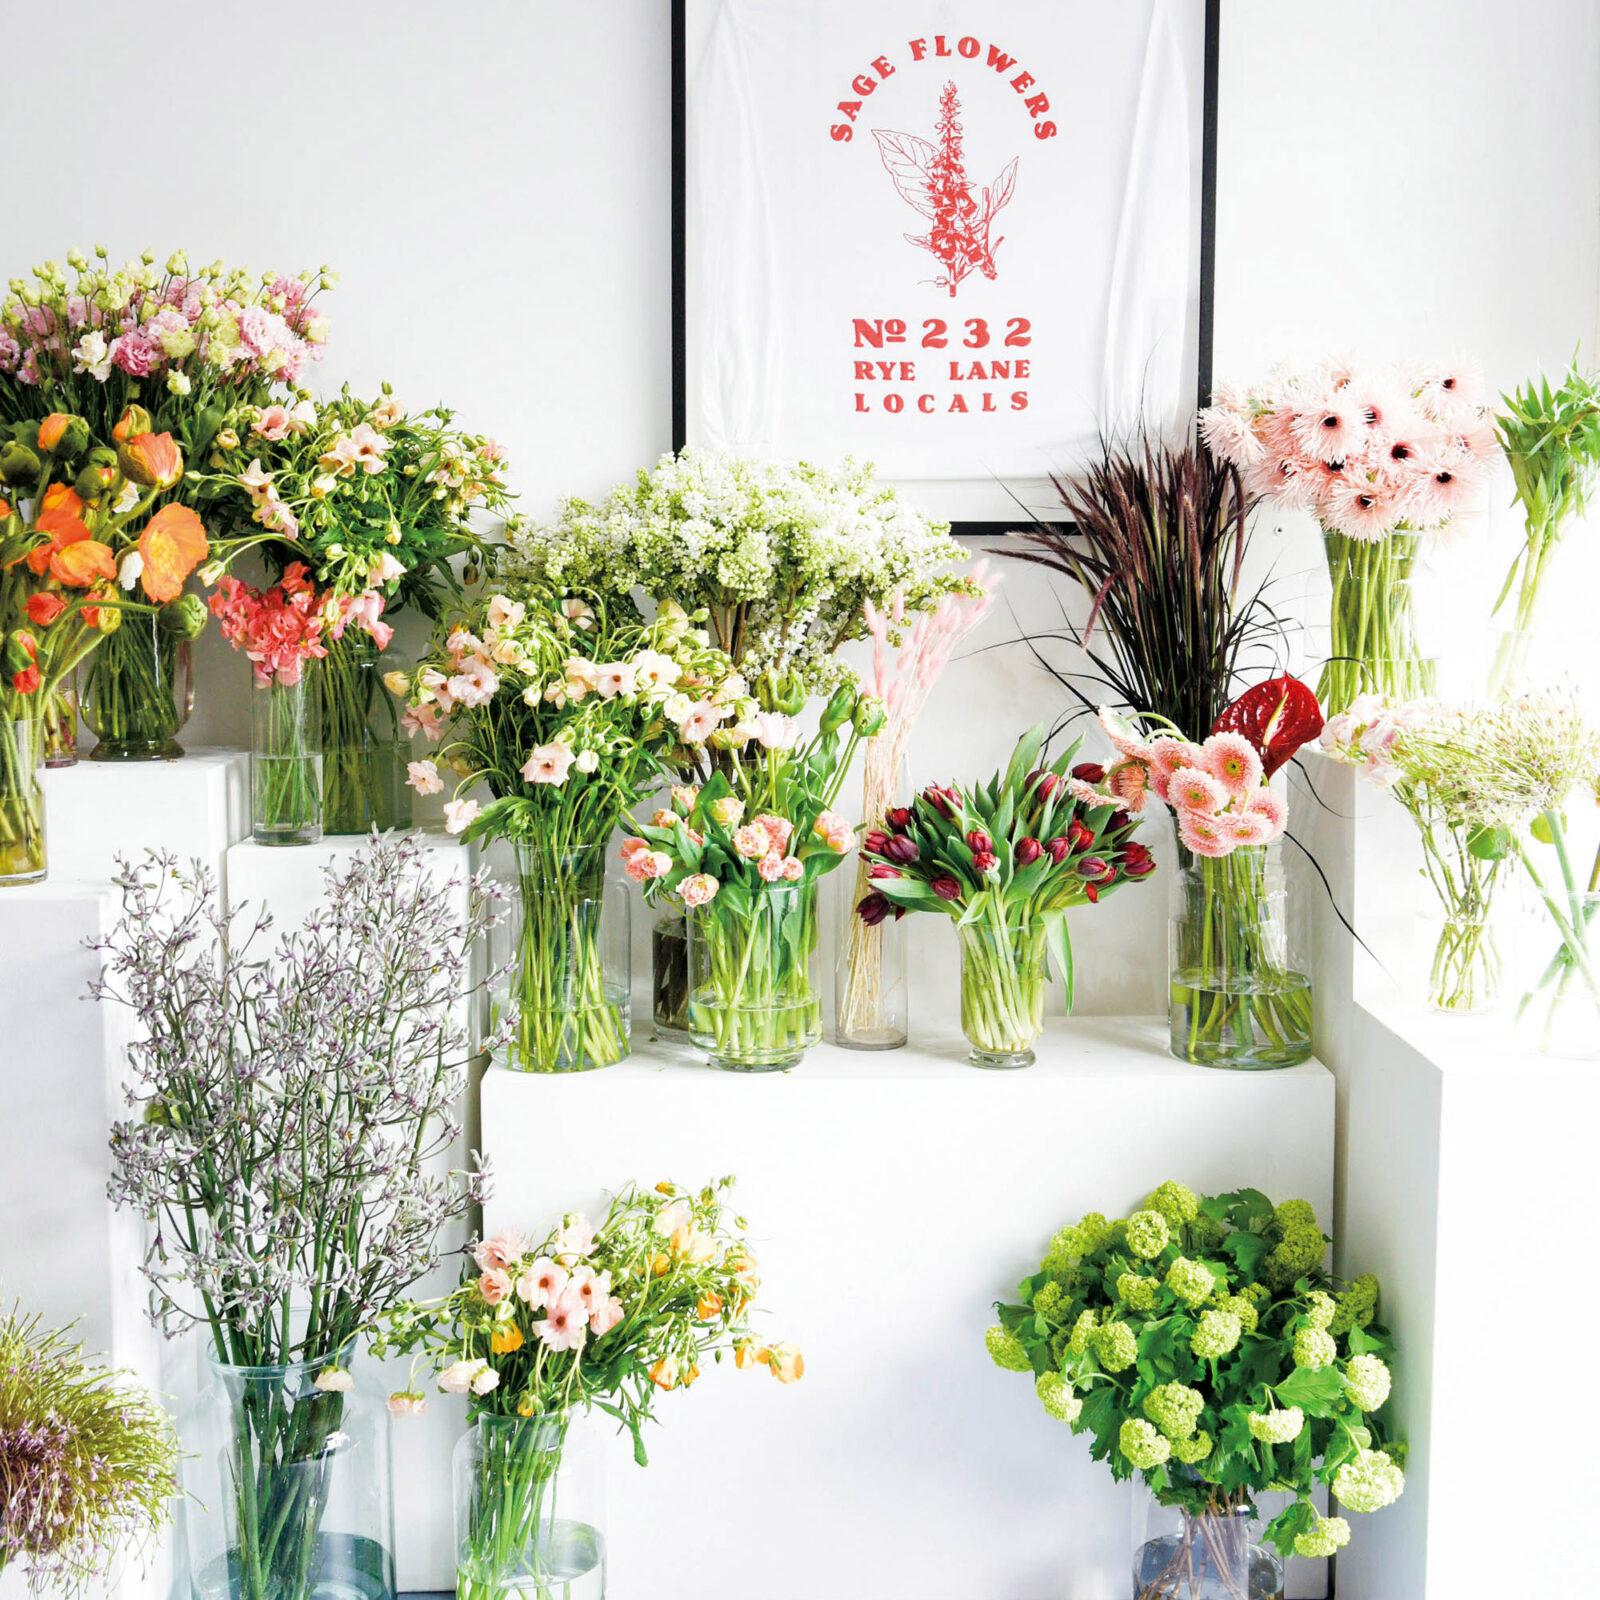 季節感を大事に、可能な限りサステイナブルな花を仕入れている。